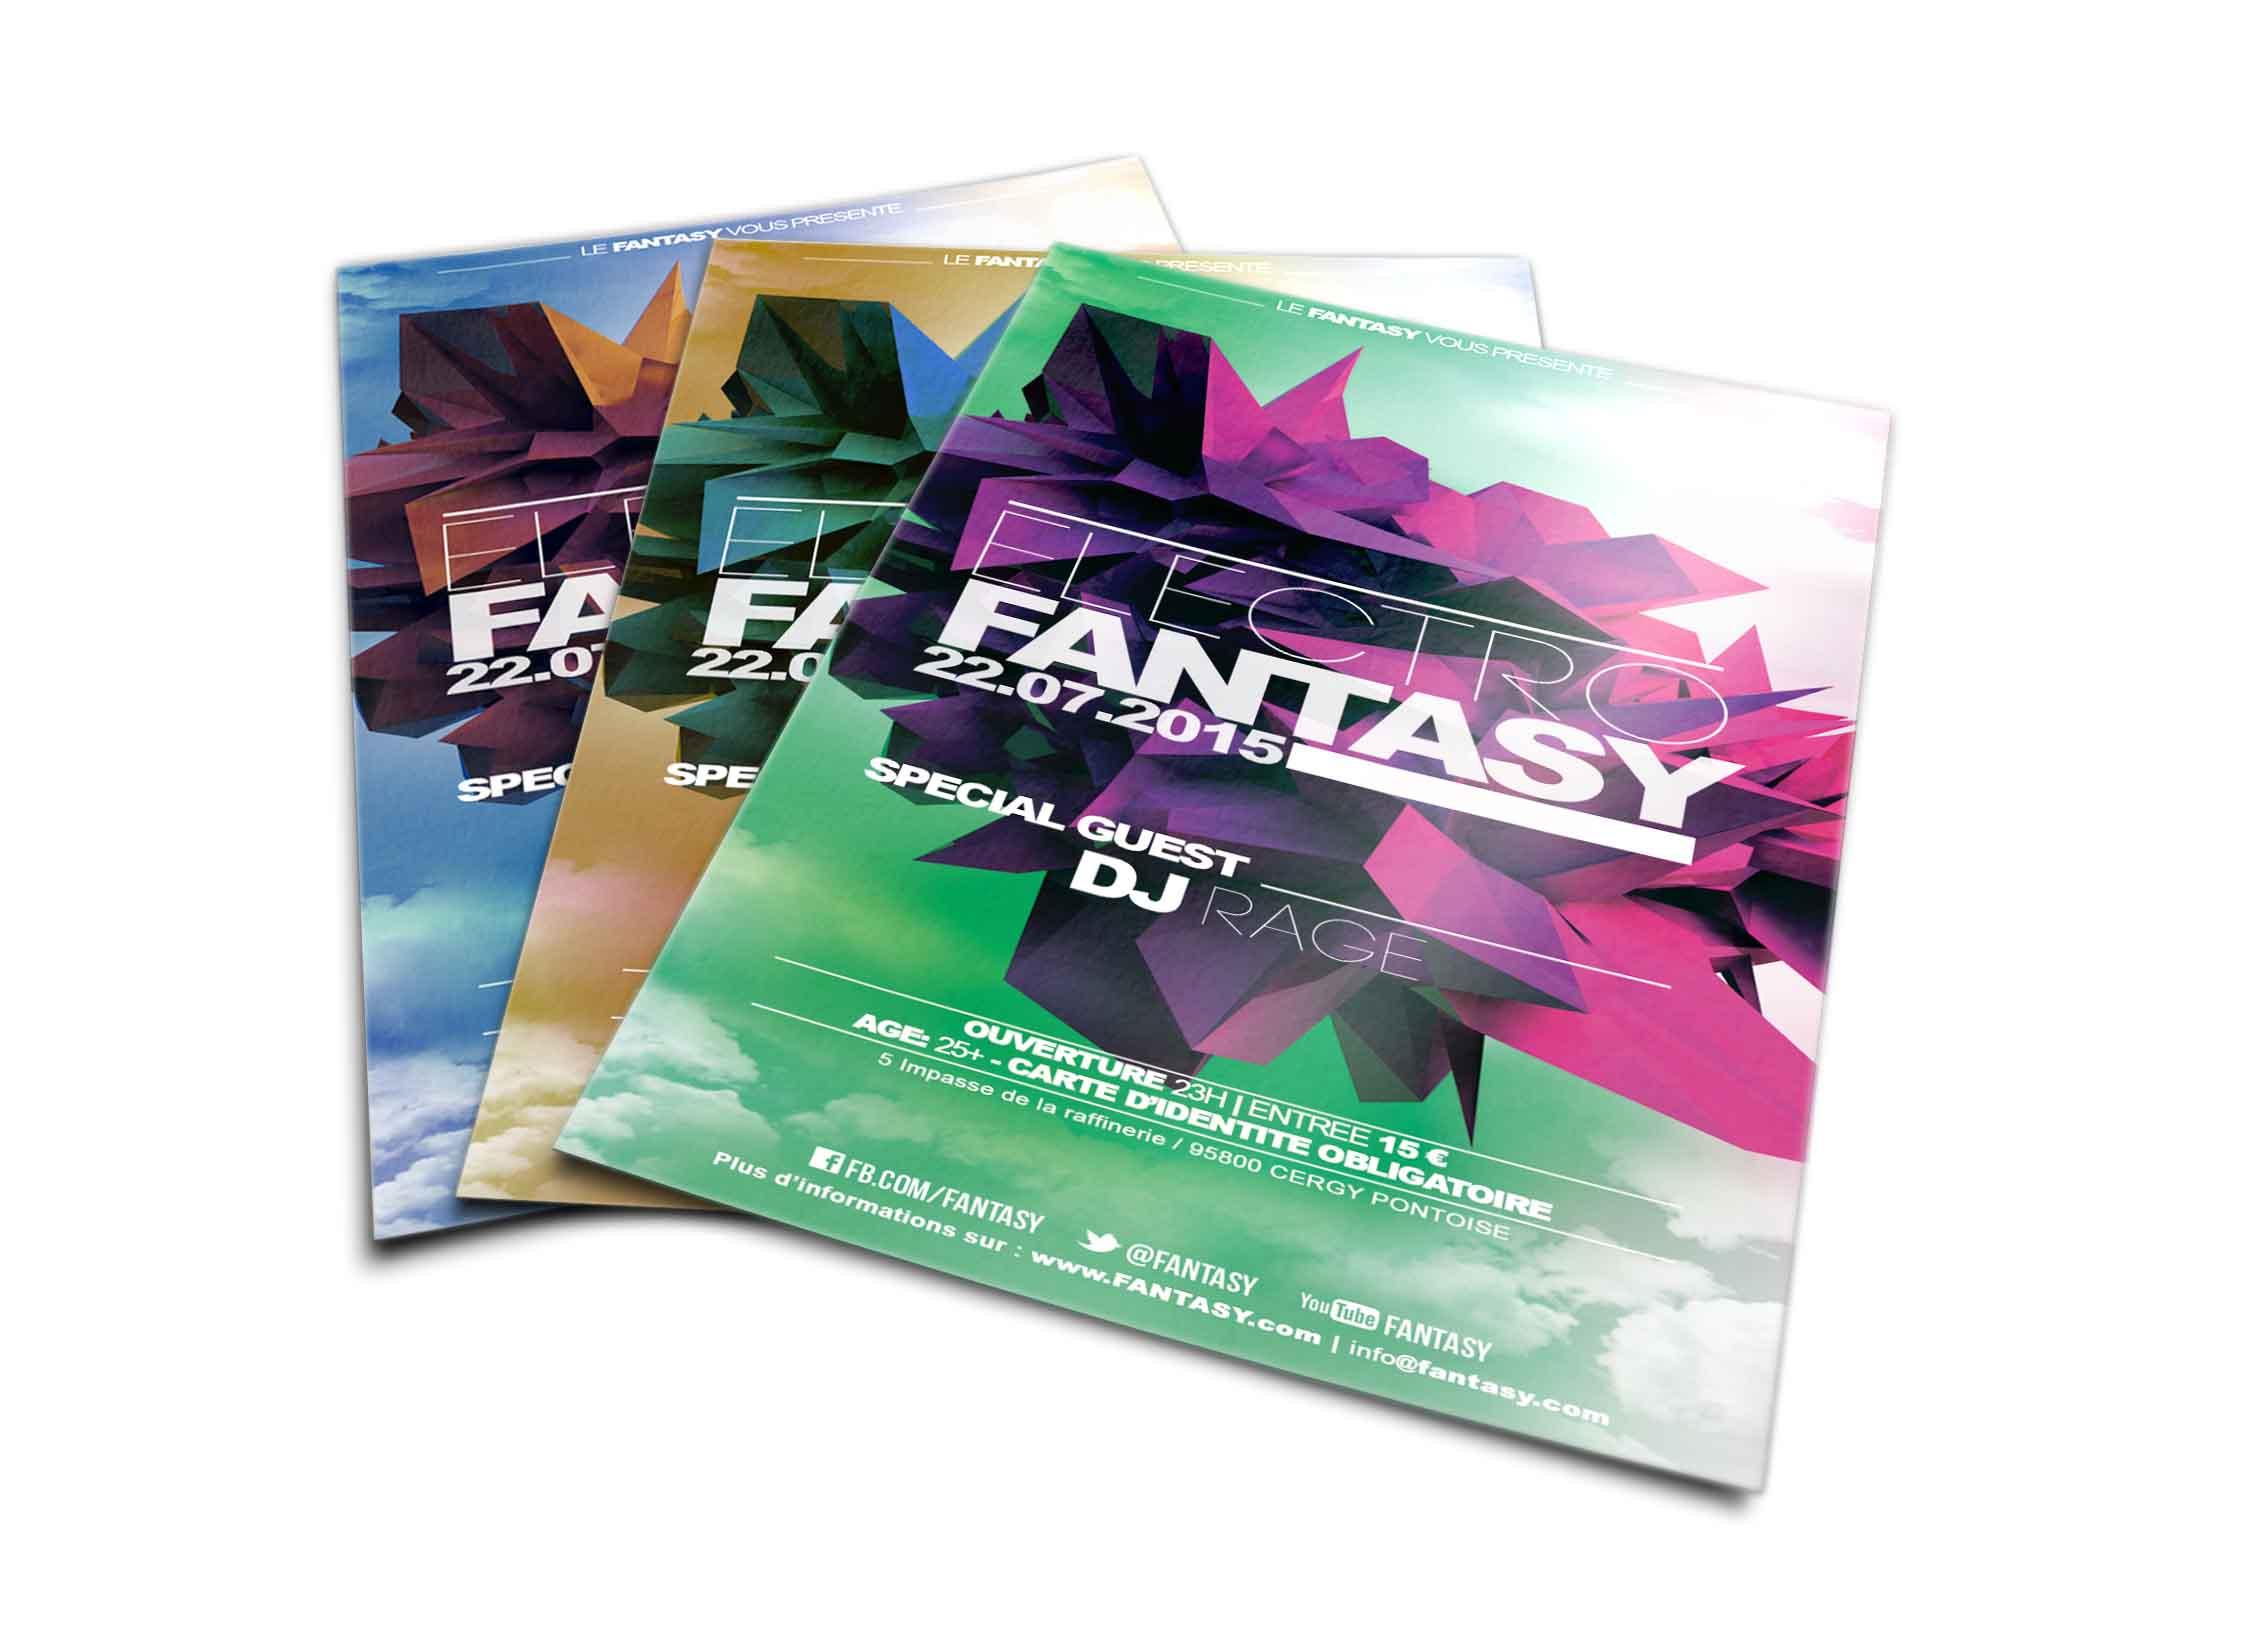 flyers electro fantasy